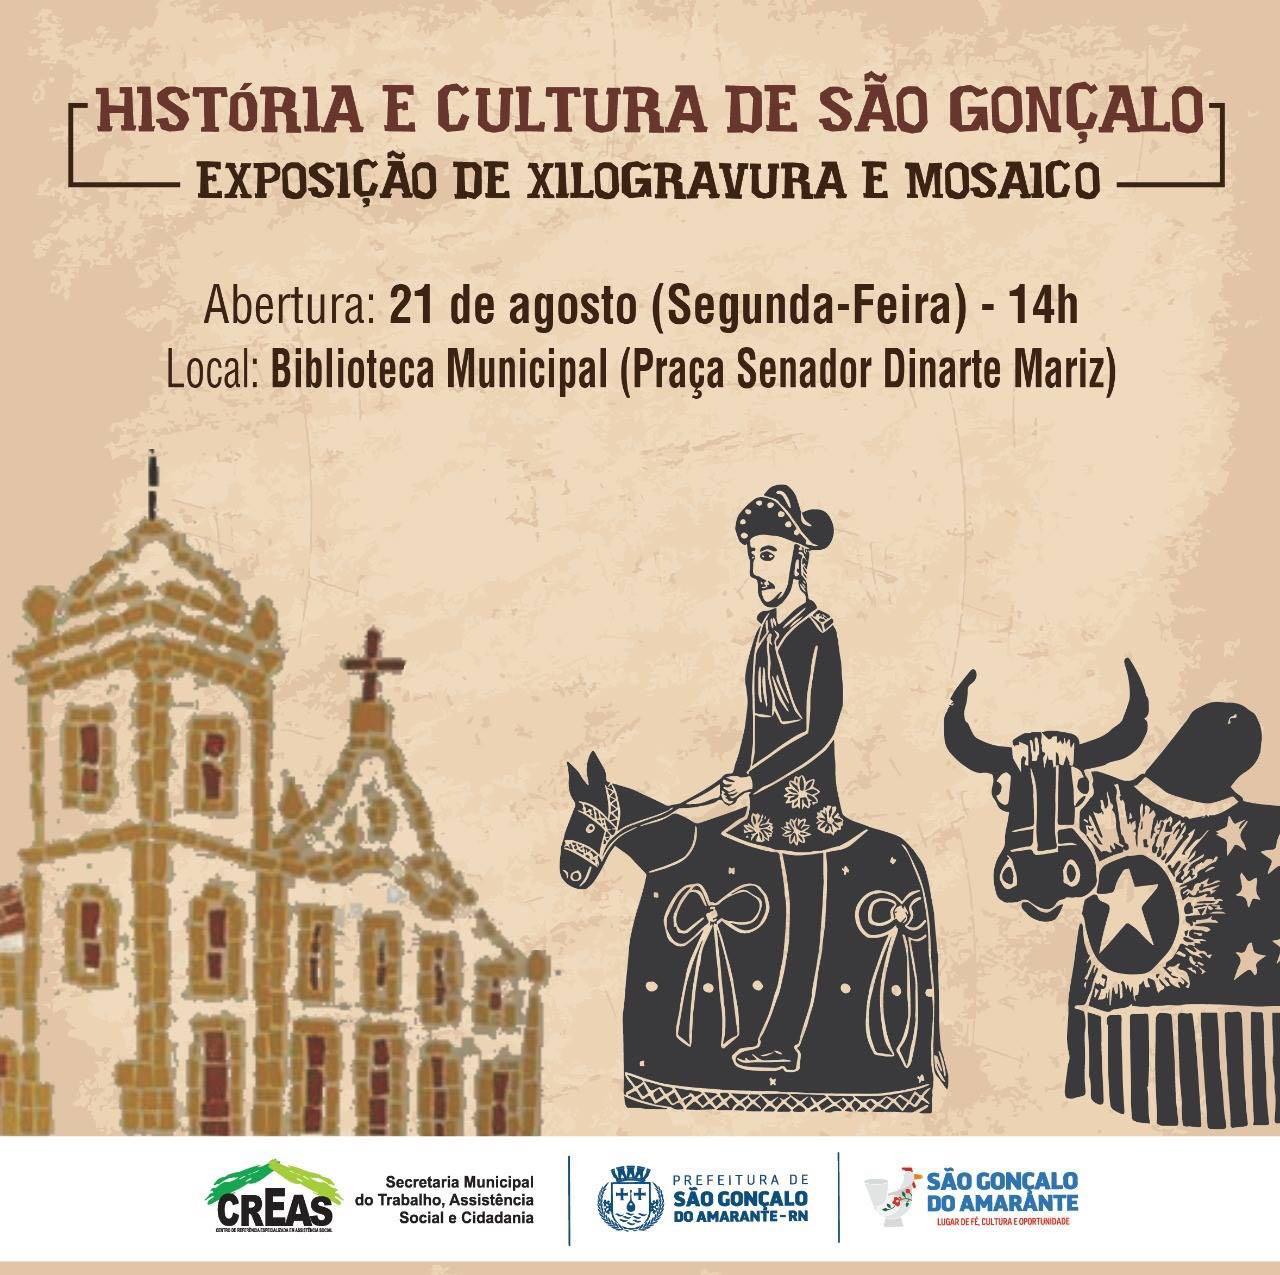 Exposição de Xilogravura e Mosaico movimenta São Gonçalo nesta segunda feira